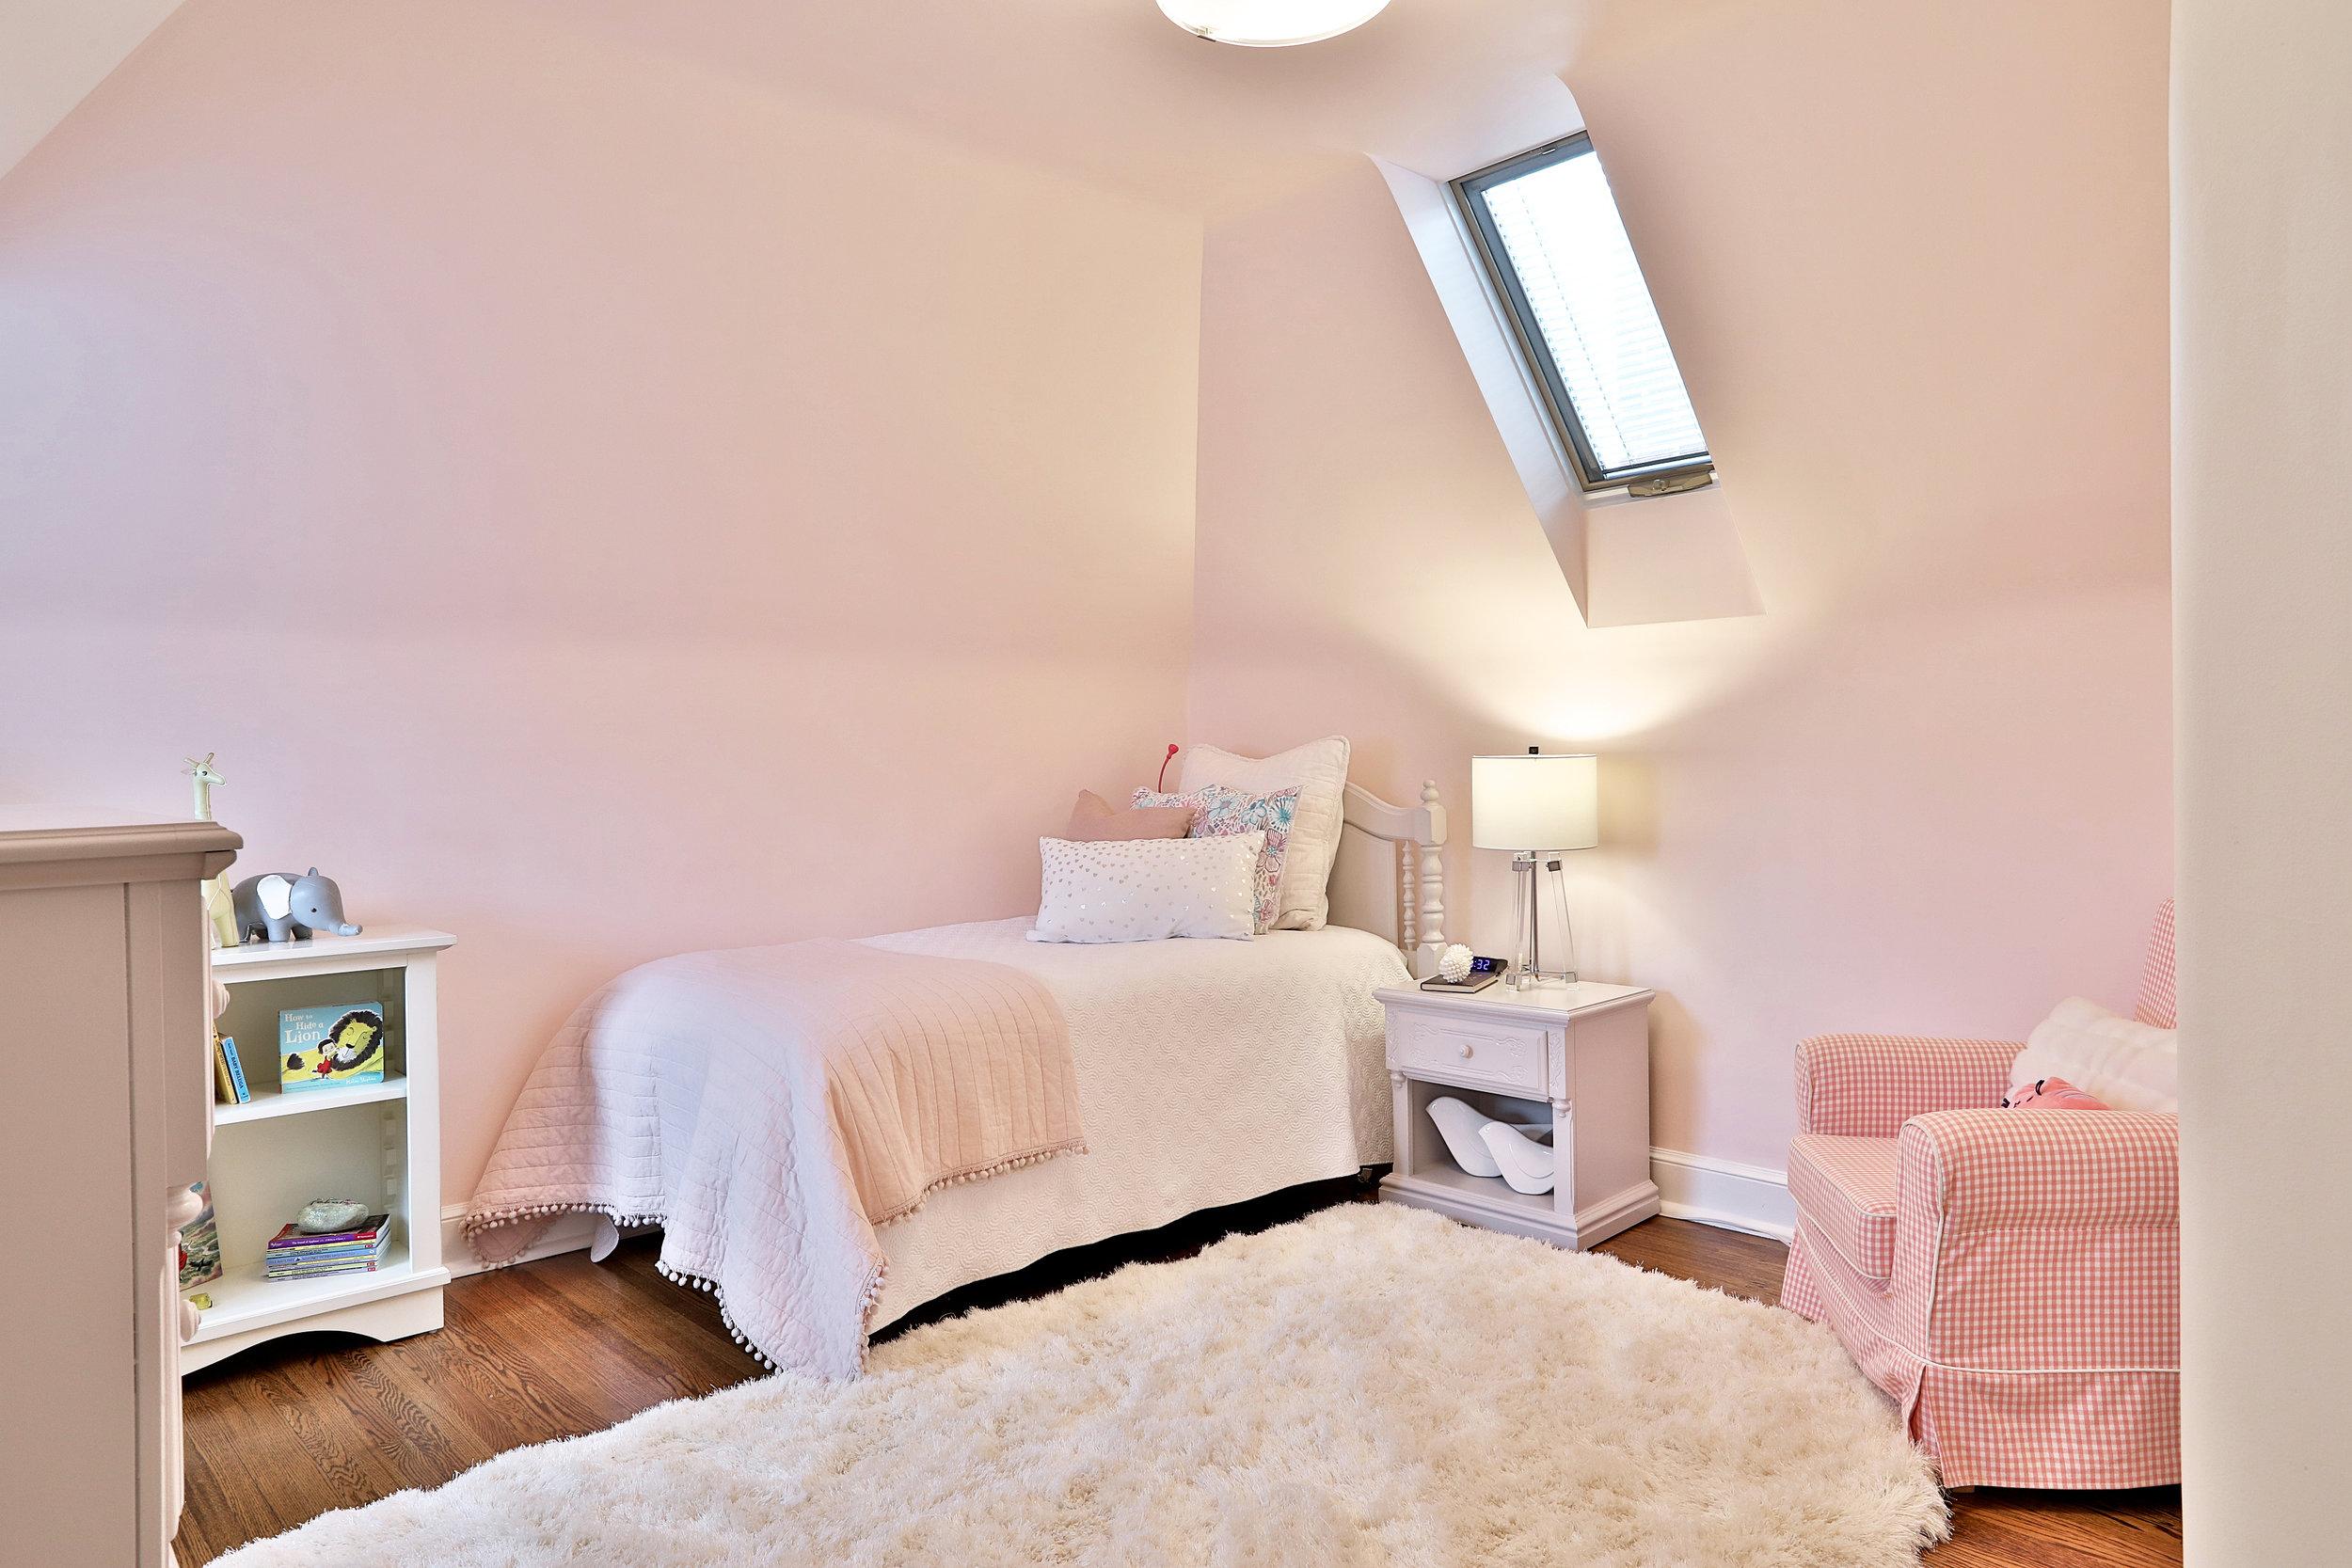 132 Imperial Street Pink Bedroom.jpg